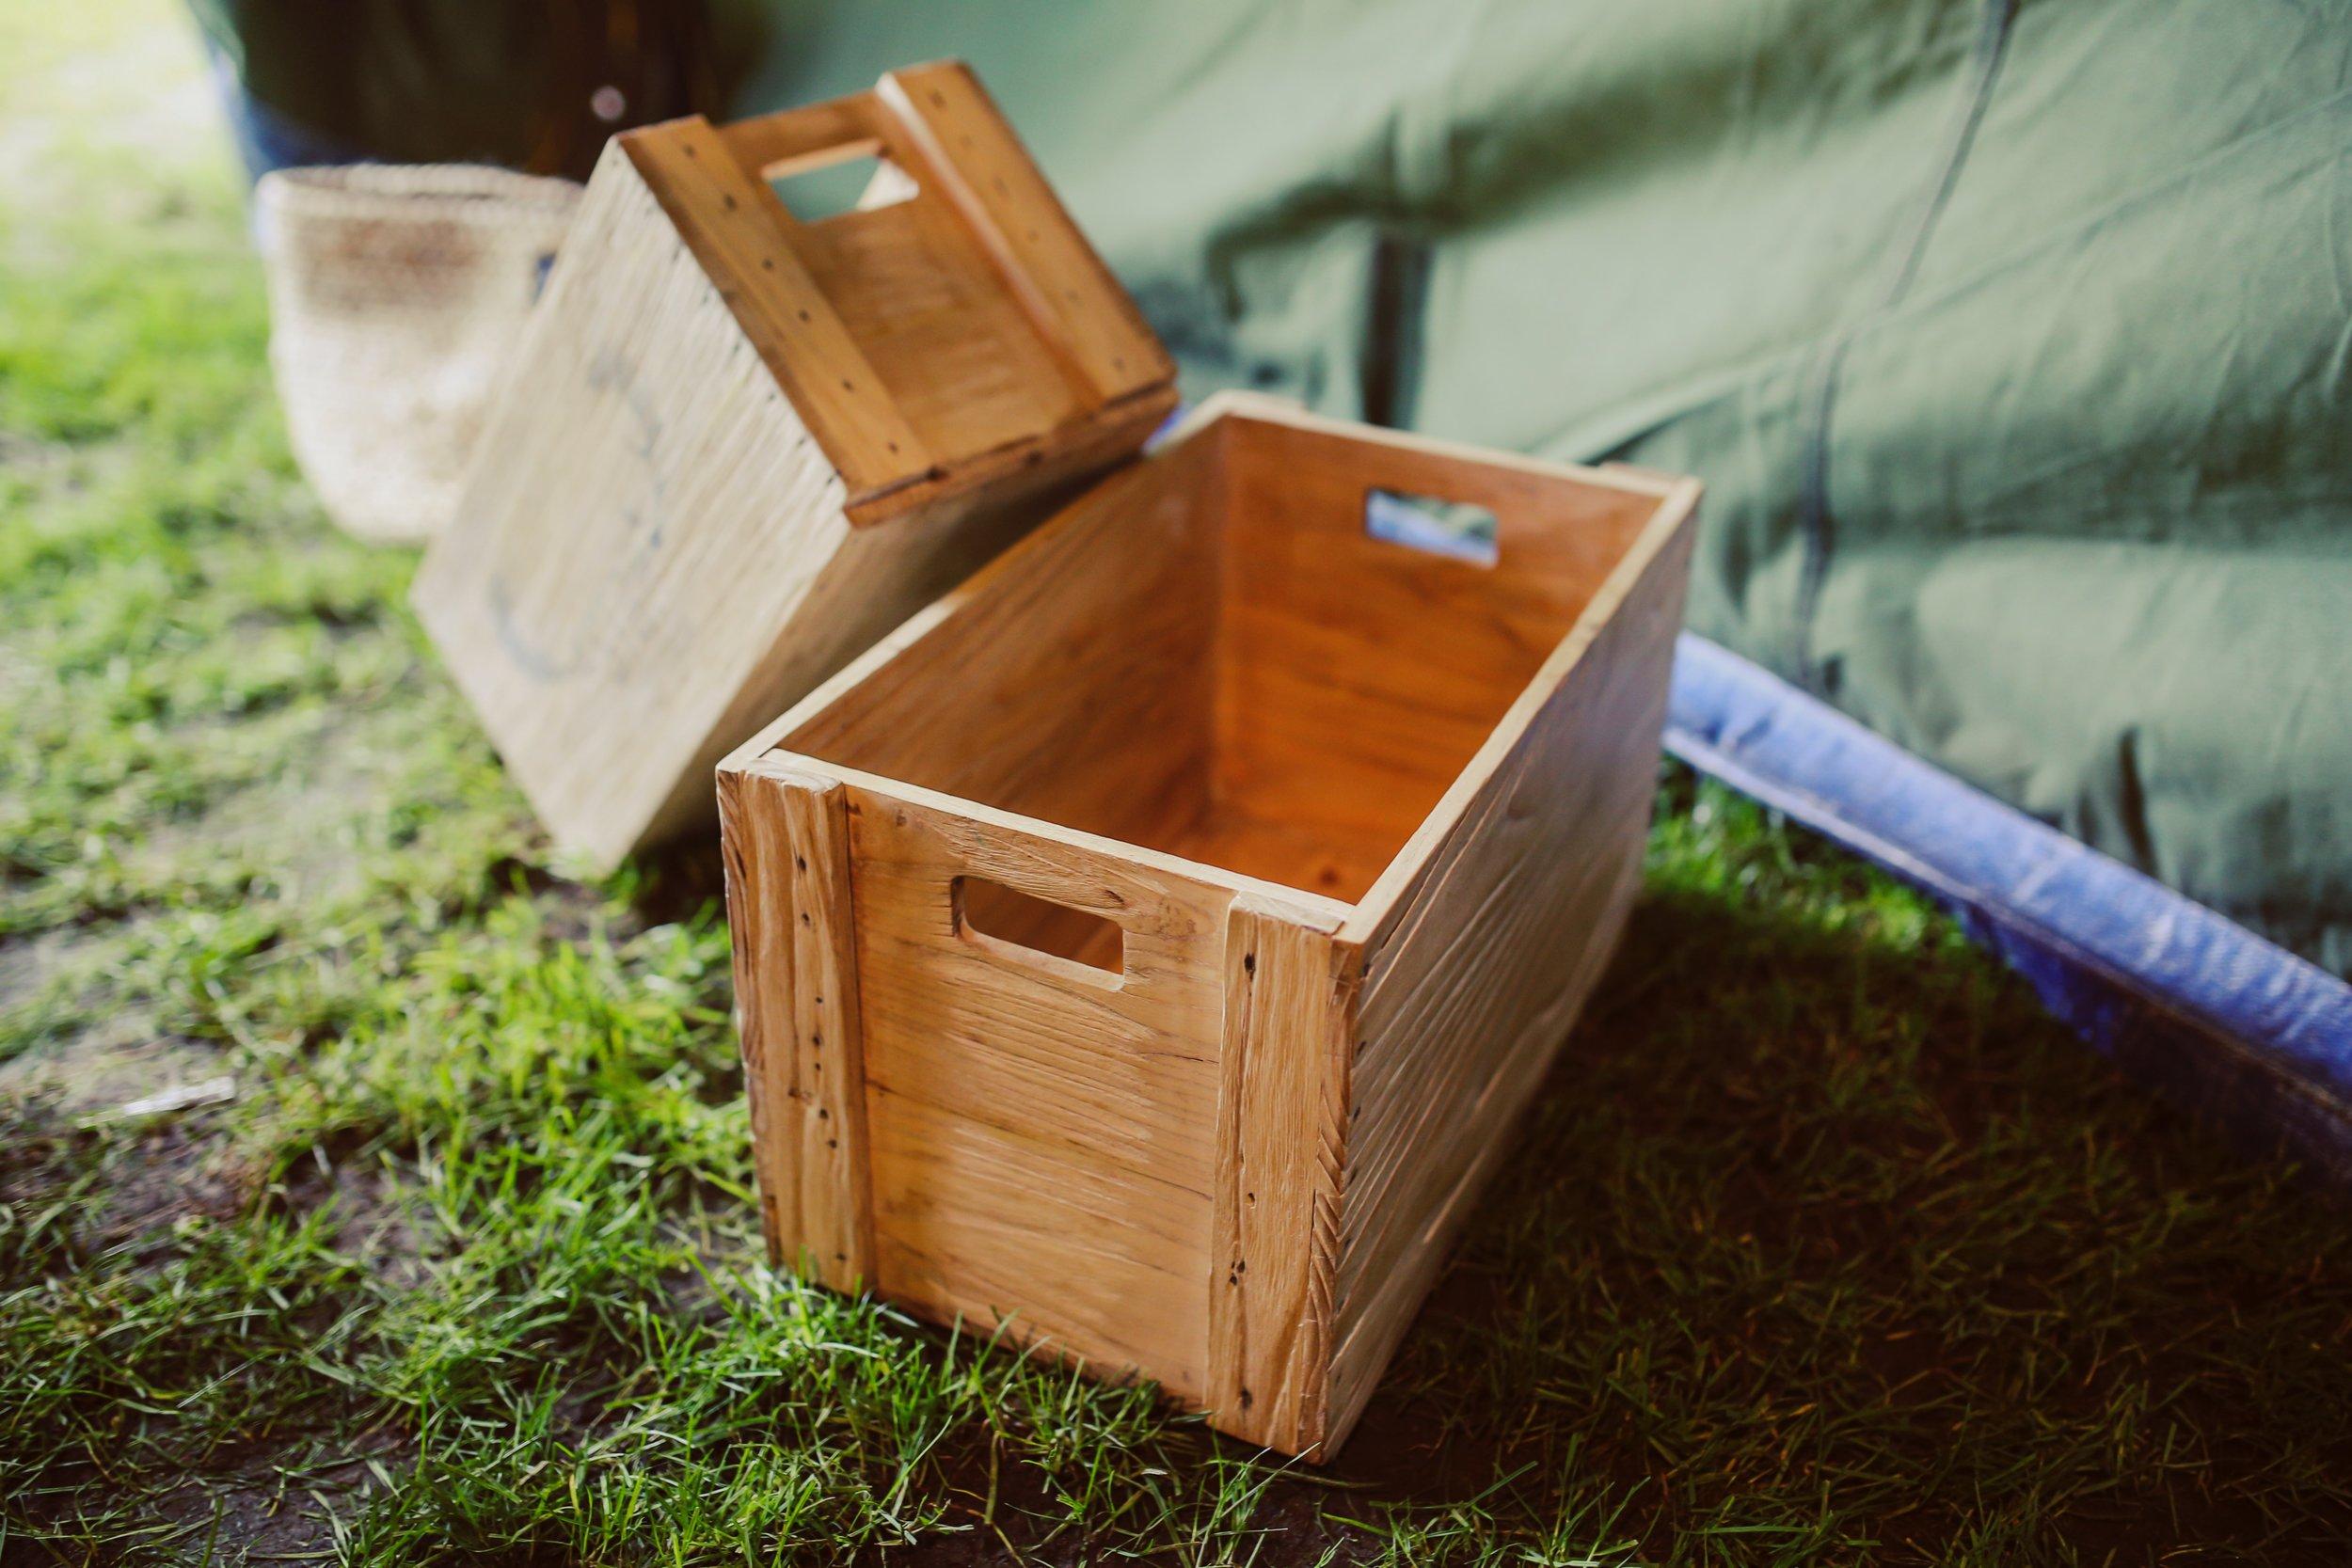 basket-box-boxes-5879.jpg